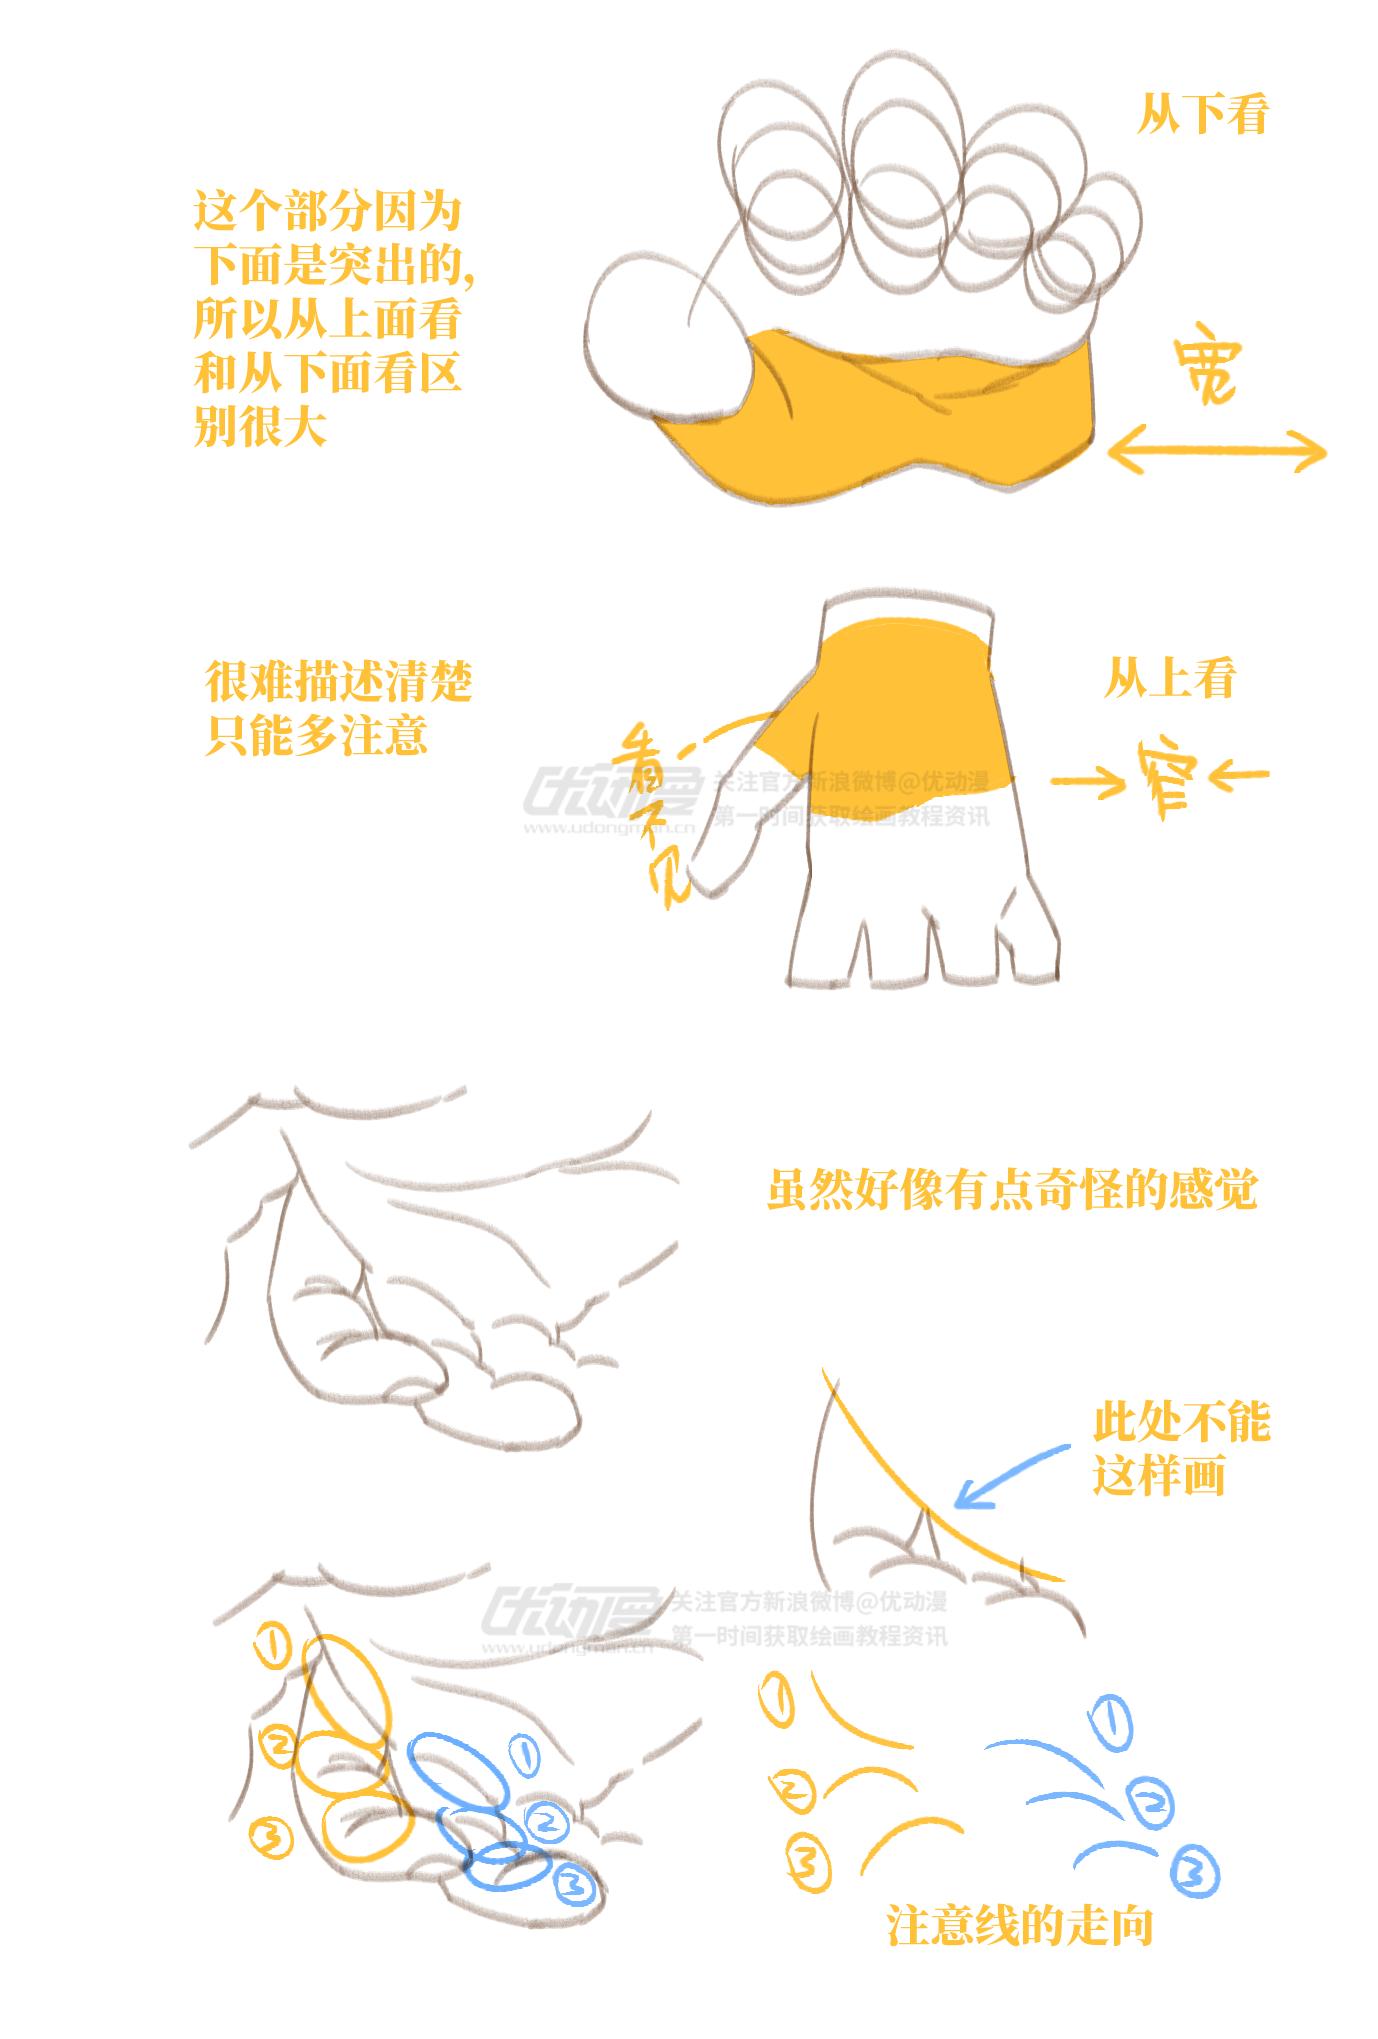 手部画法教程4.png